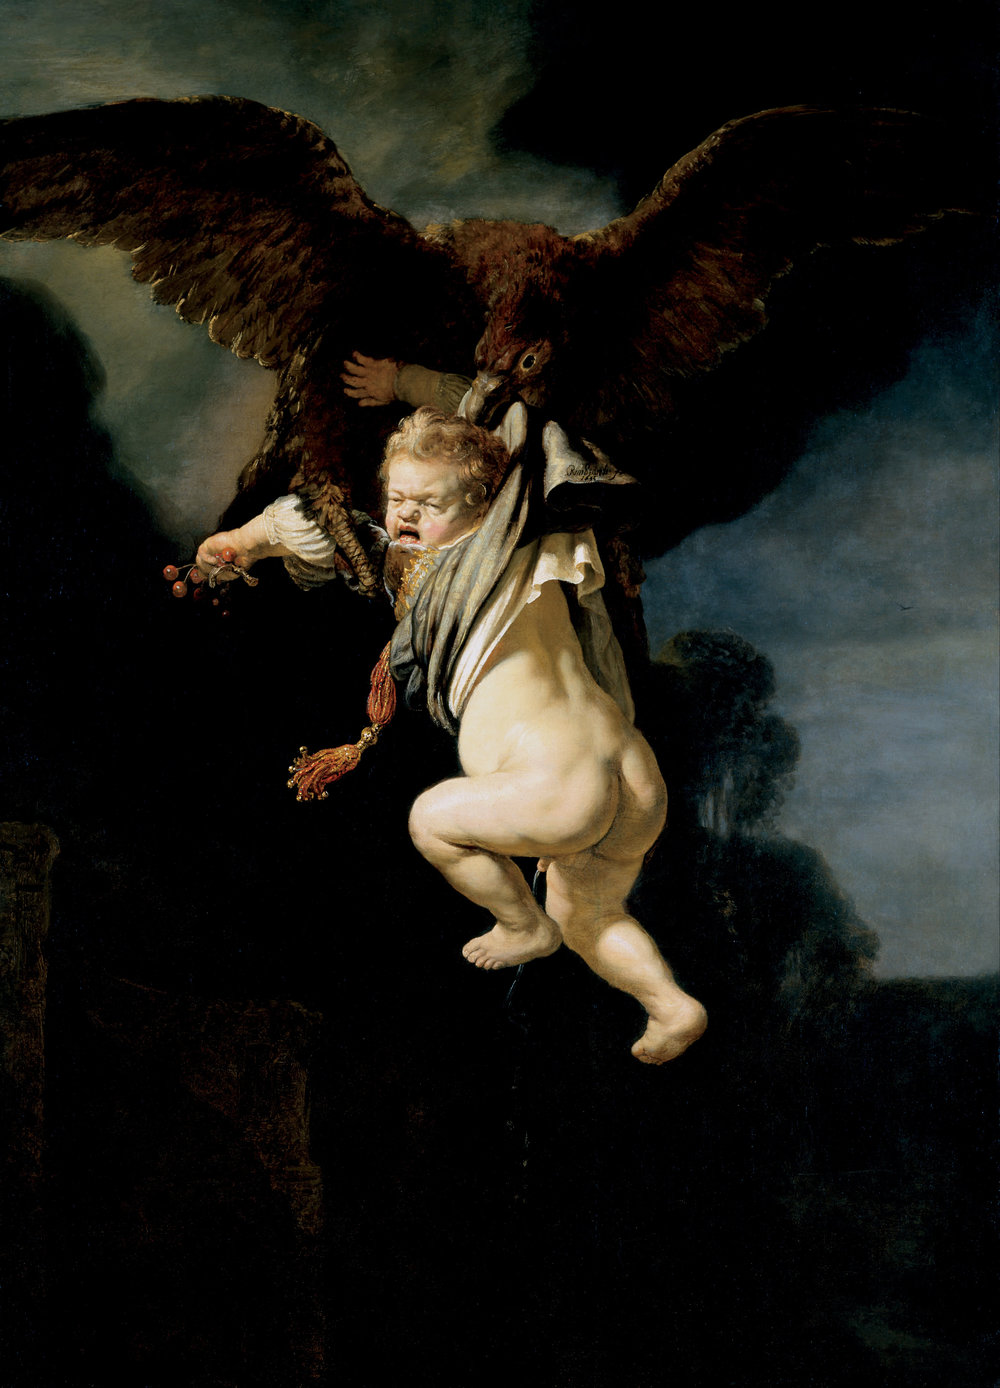 Rembrandt van Rijn,  The Abduction of Ganymede,  1635, oil on panel, 177 cm v. 130 cm (70 in x 51 in), Staatliche Kunstsammlungen Dresden, Dresden.